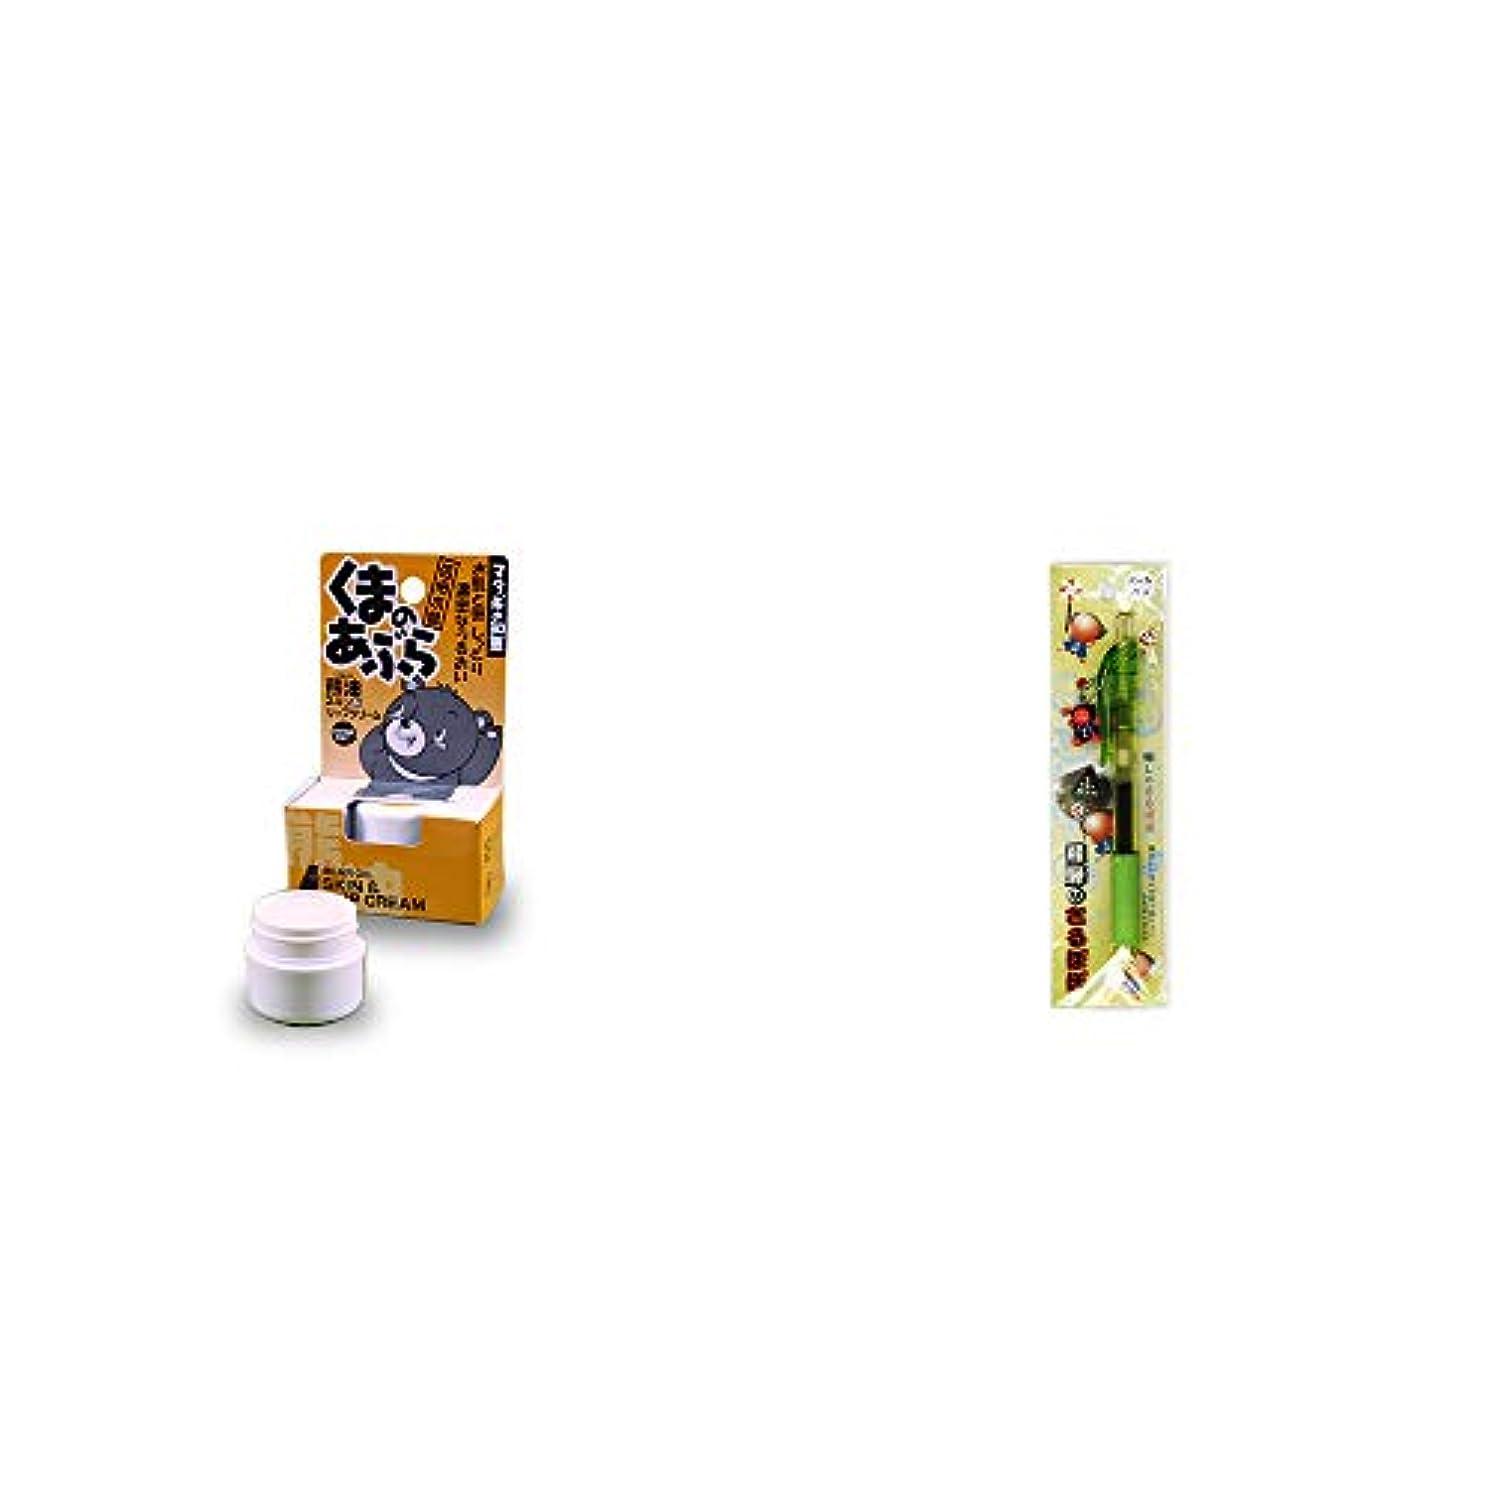 好むめ言葉でる[2点セット] 信州木曽 くまのあぶら 熊油スキン&リップクリーム(9g)?さるぼぼ 癒しボールペン 【グリーン】